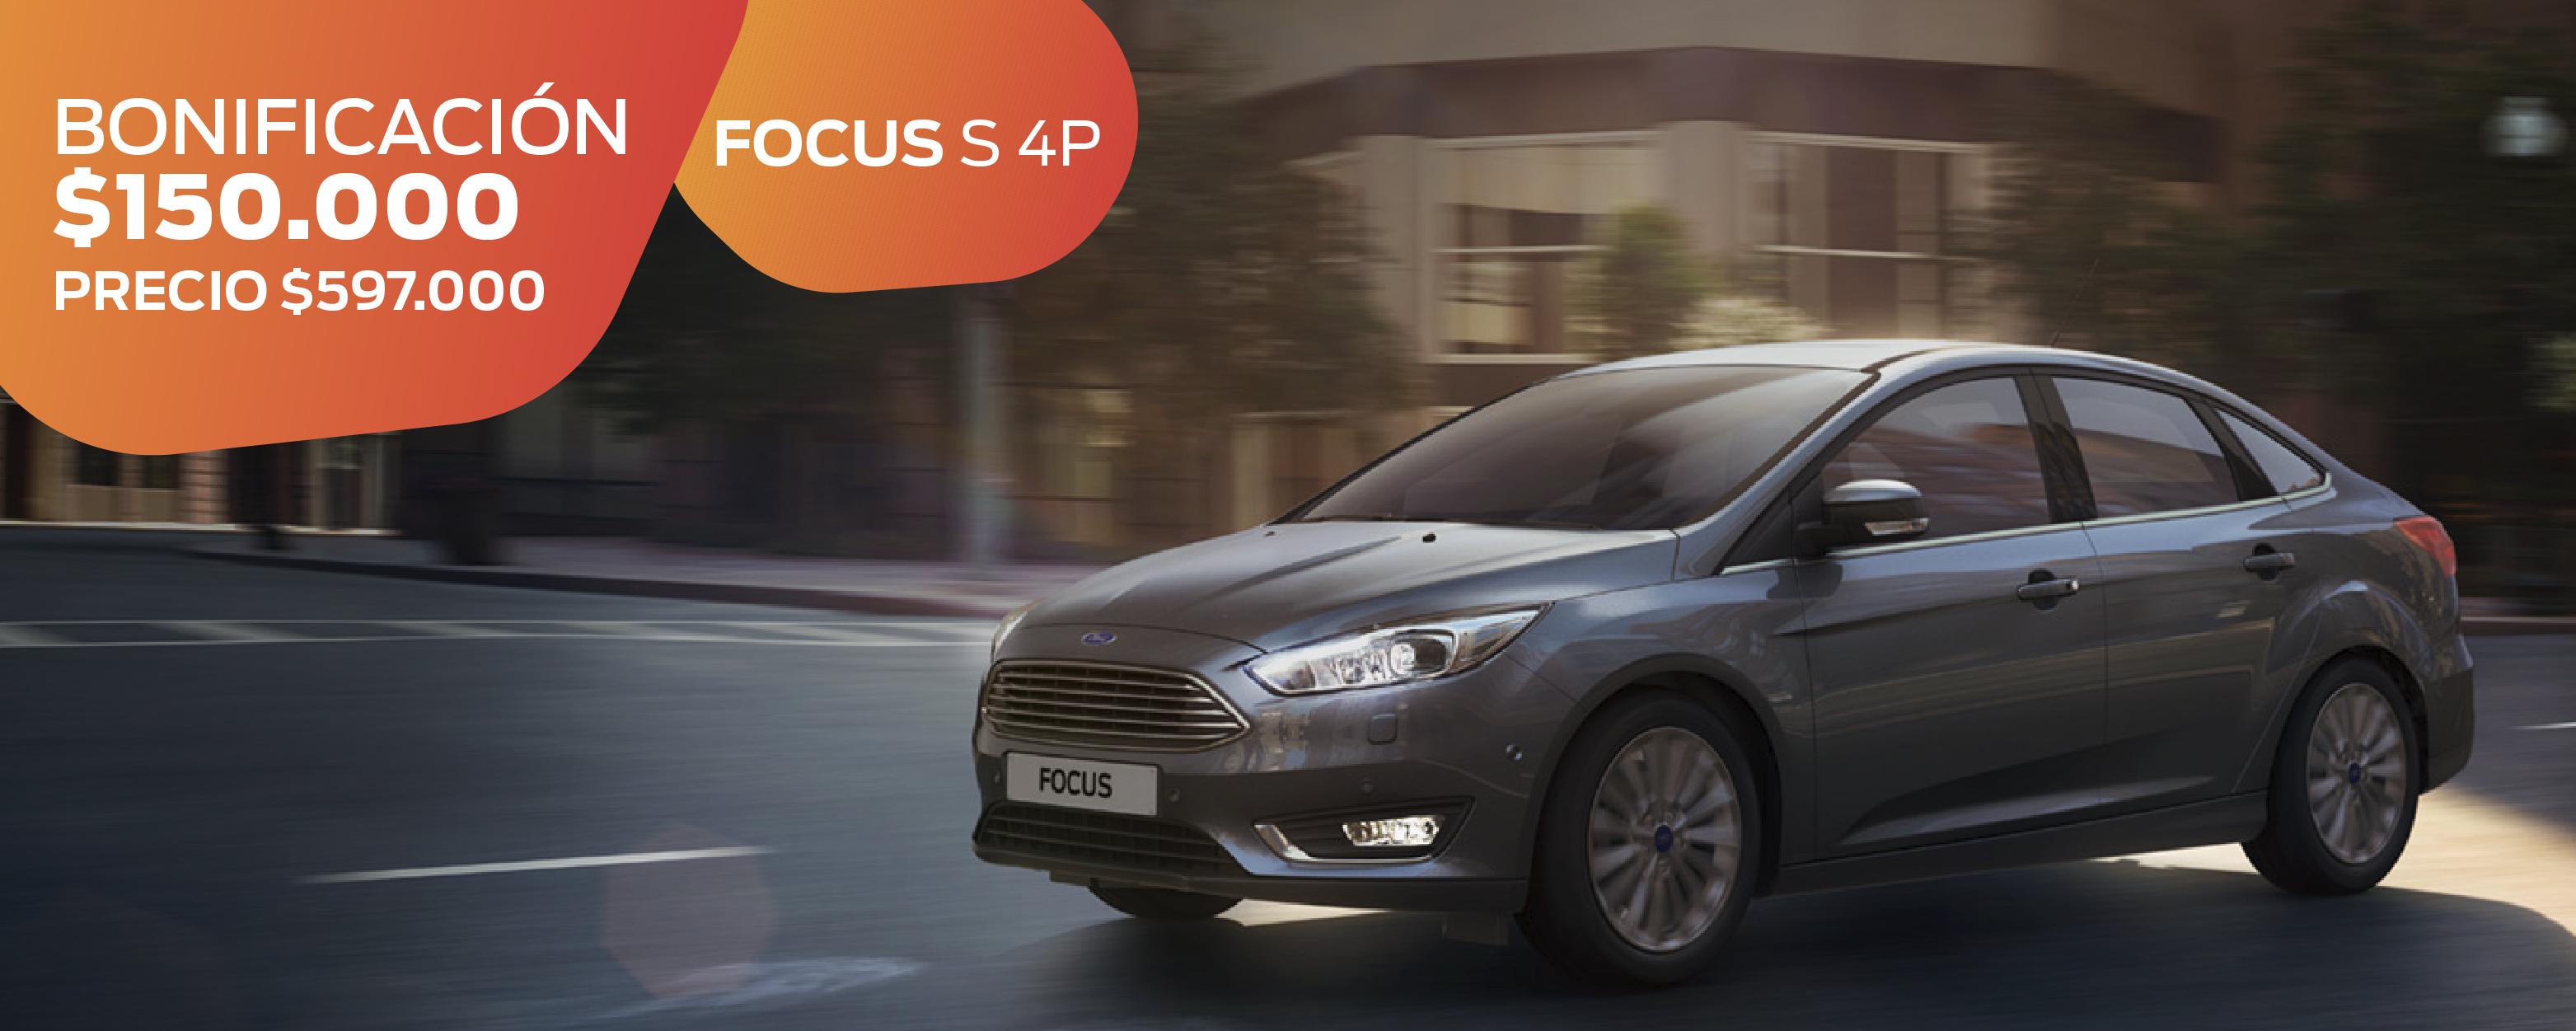 Focus S 4P